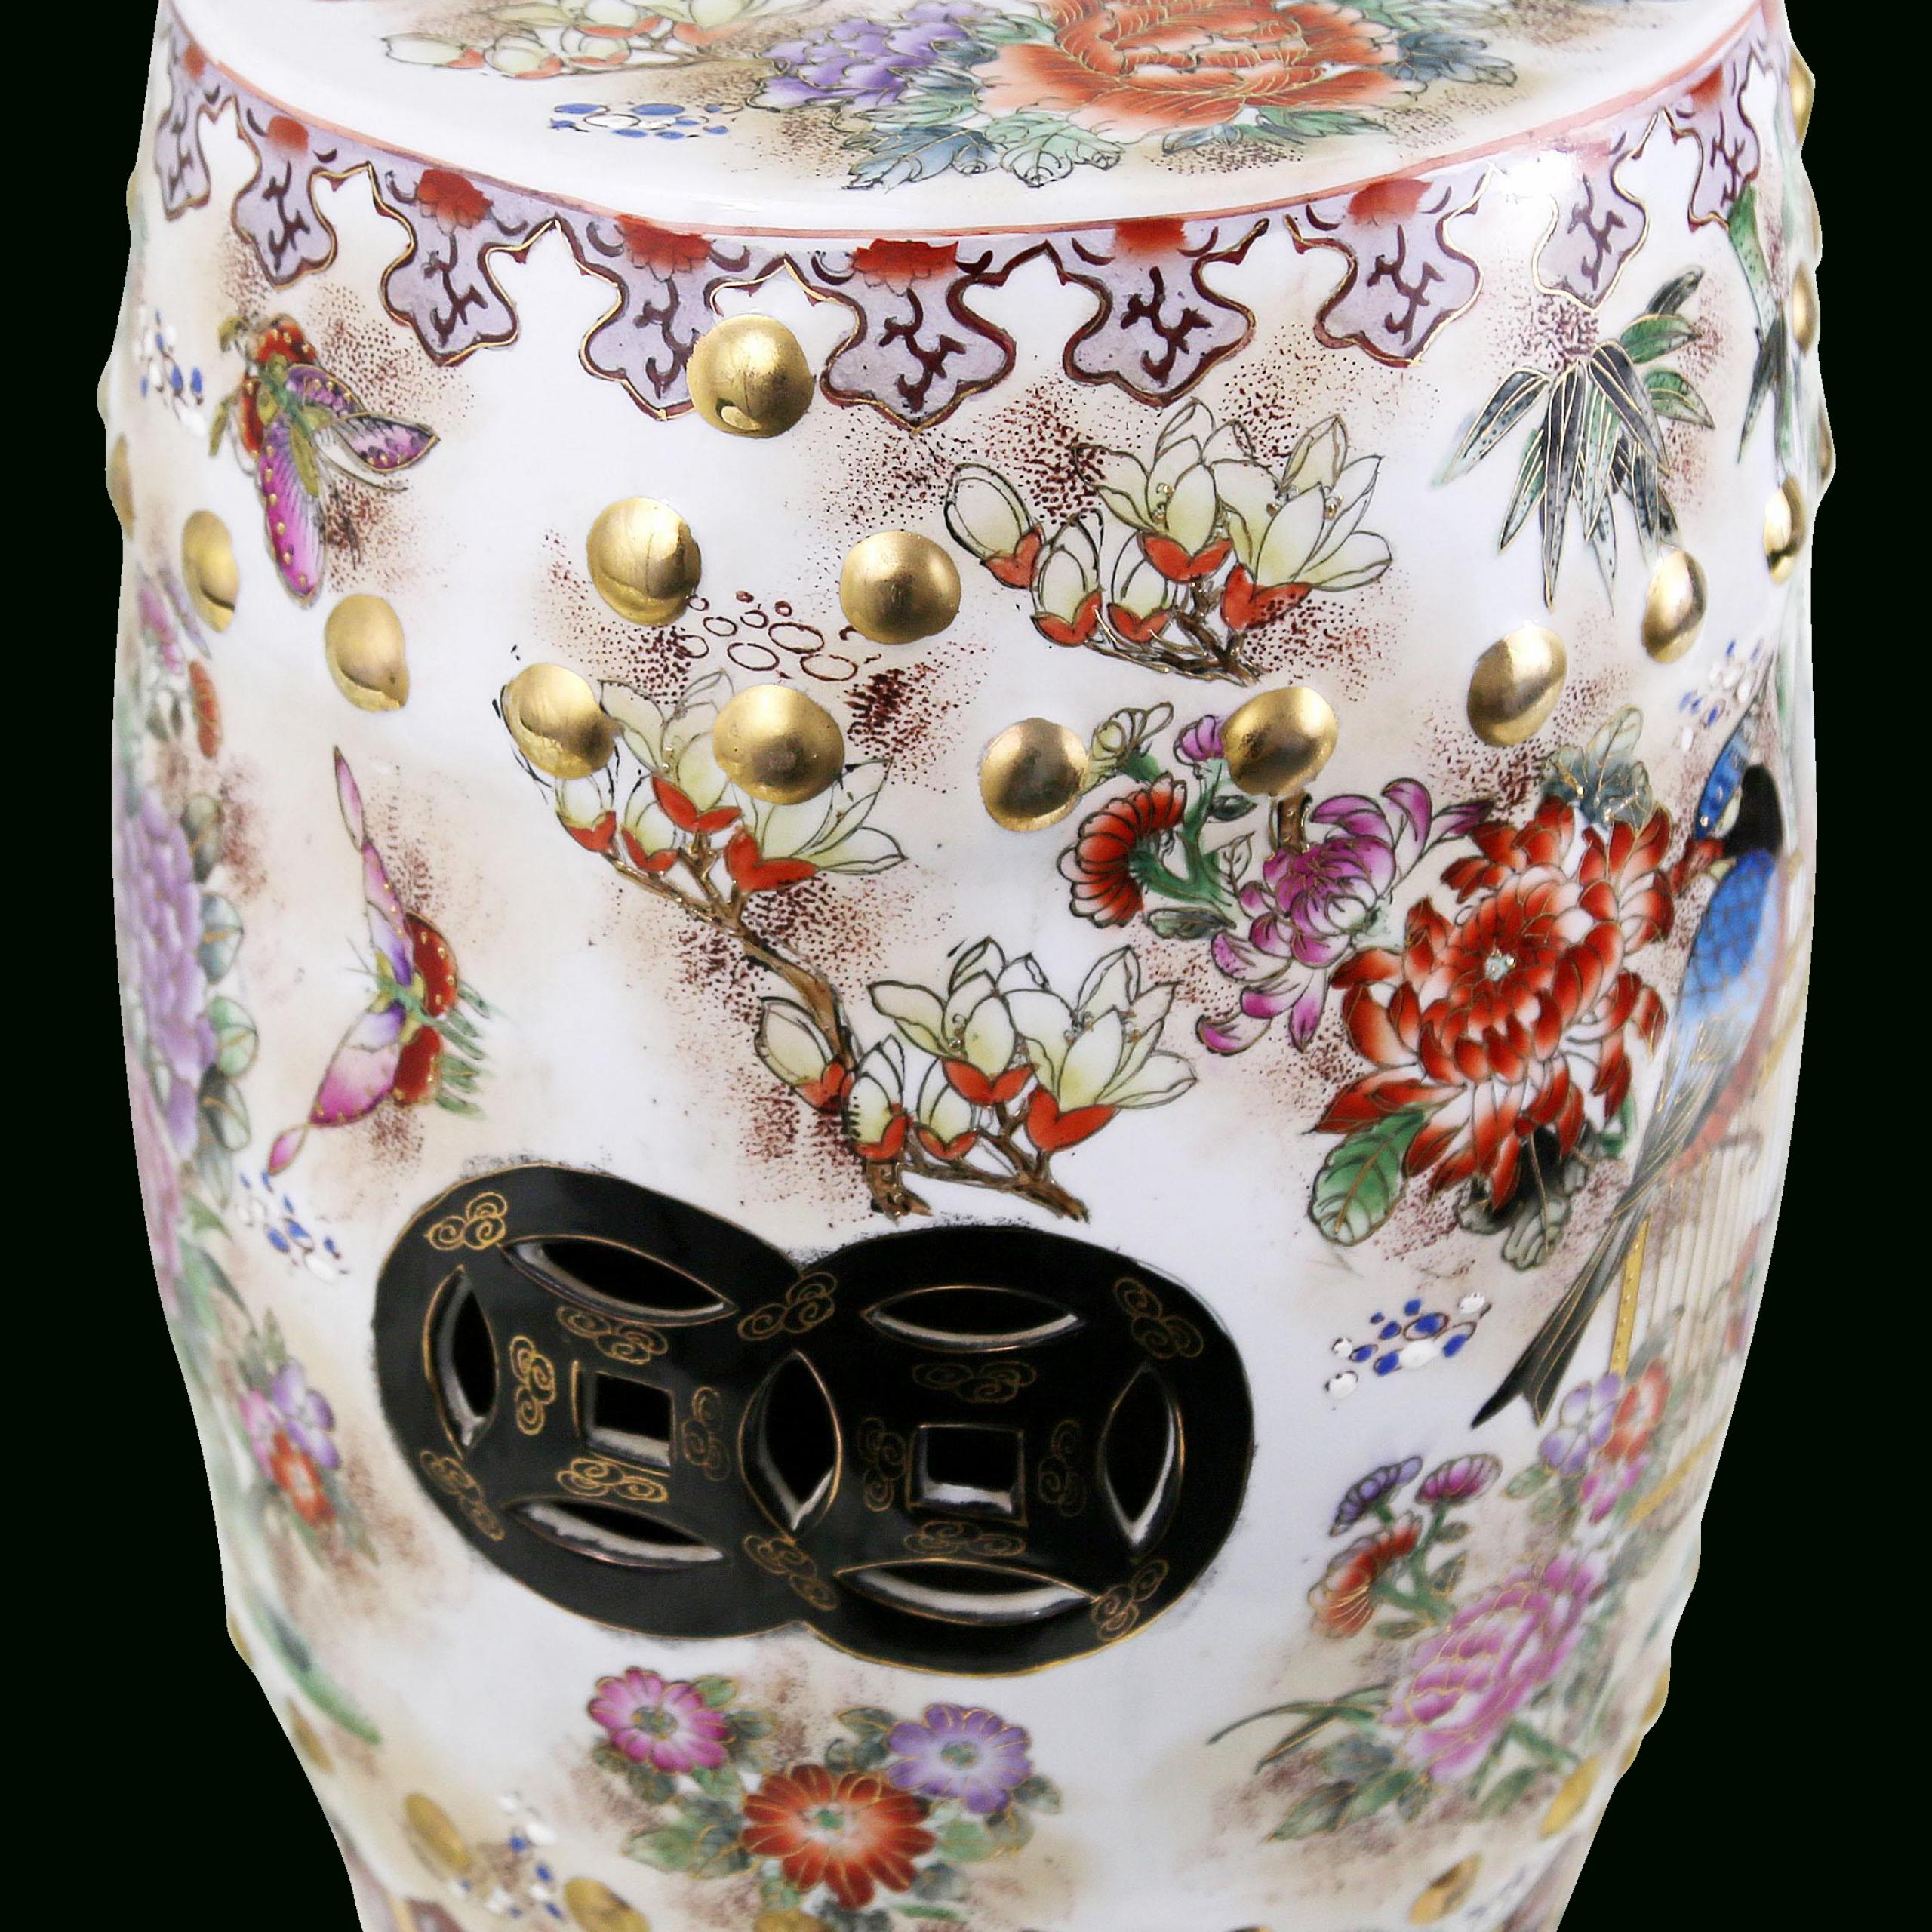 Ceramic Garden Stolls Regarding Tillia Ceramic Garden Stools (View 12 of 25)